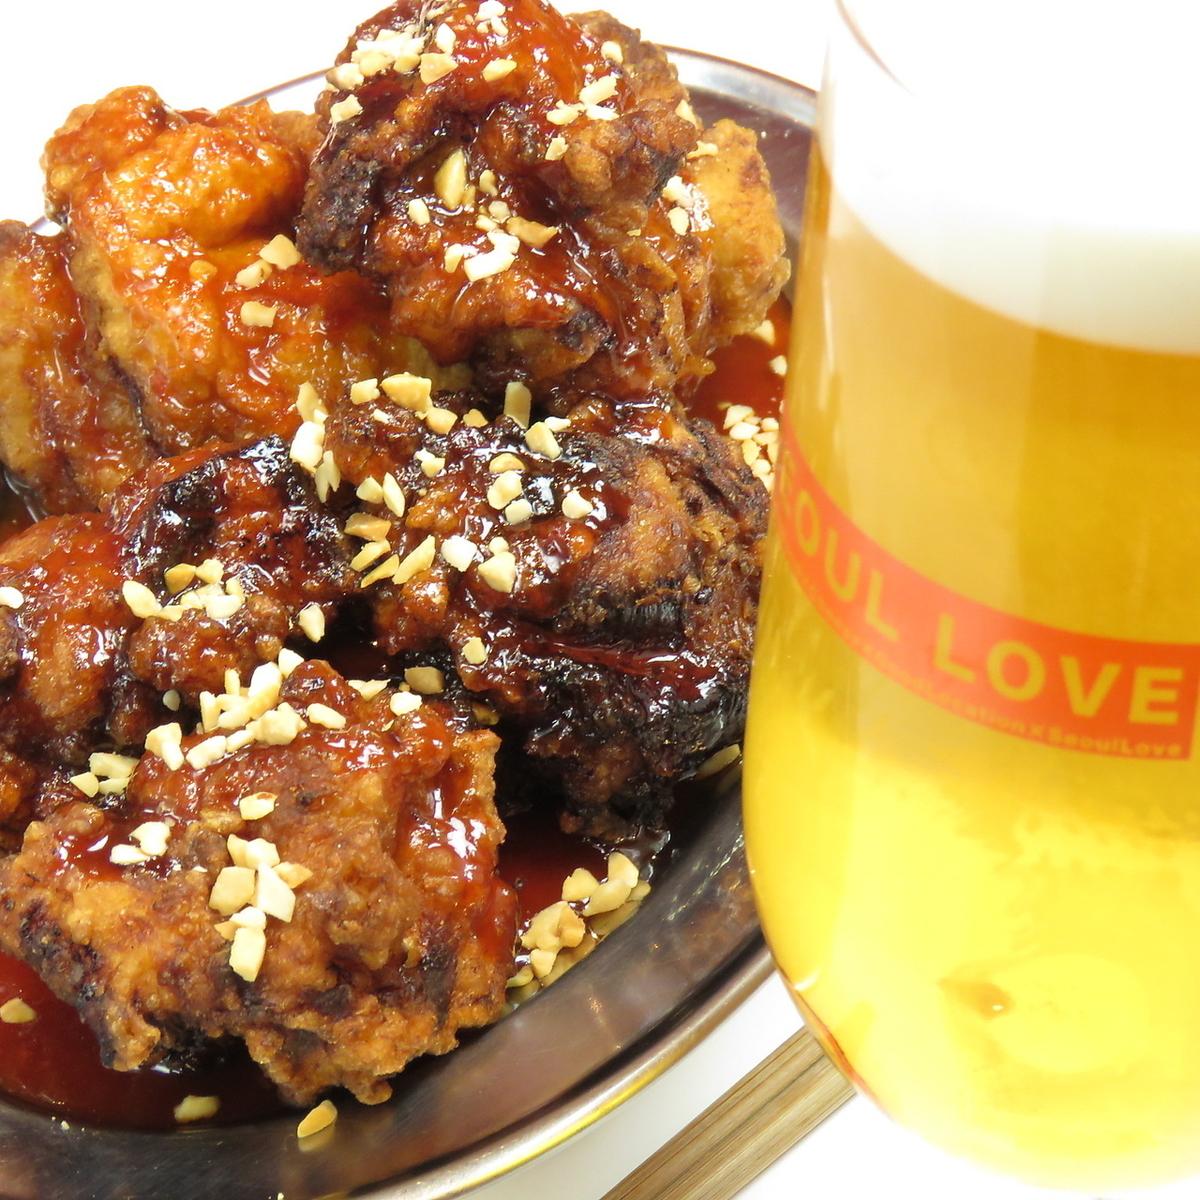 ビールとヤンニョムチキンの組み合わせは最高!